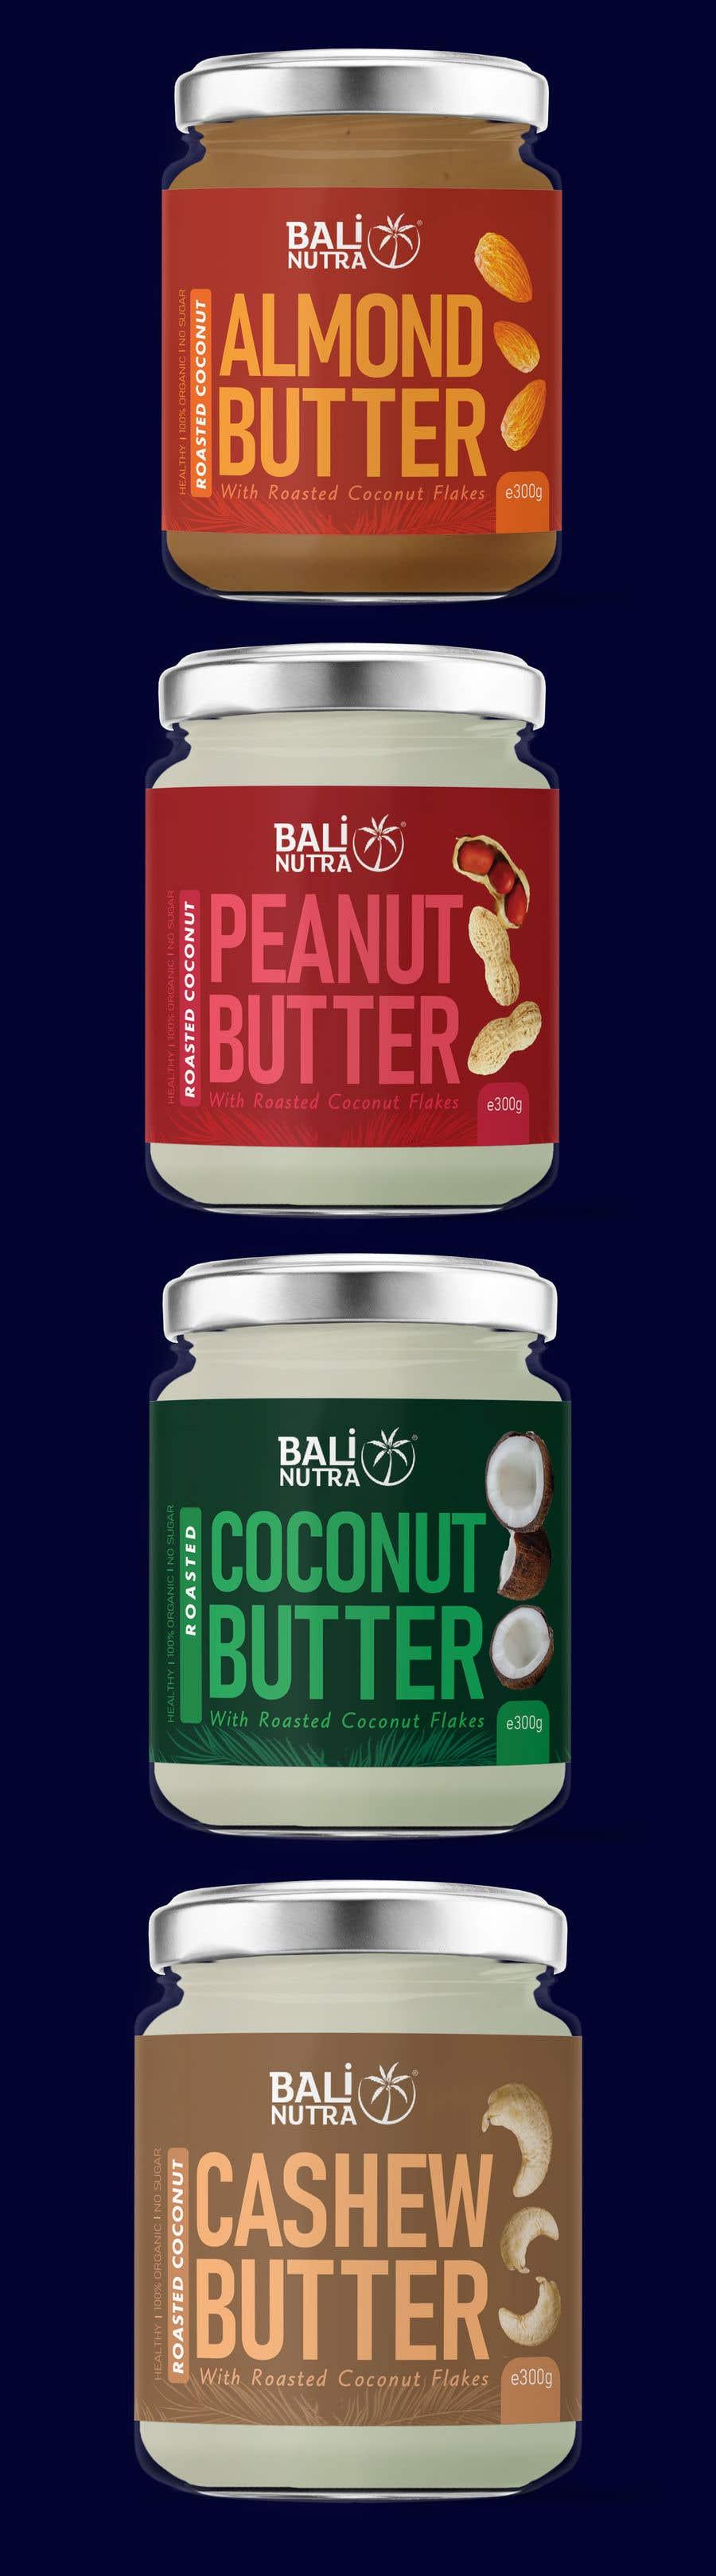 Konkurrenceindlæg #                                        49                                      for                                         Food Label design (4 x flavors of Butter, Almond, Peanut, Cashew, Original)